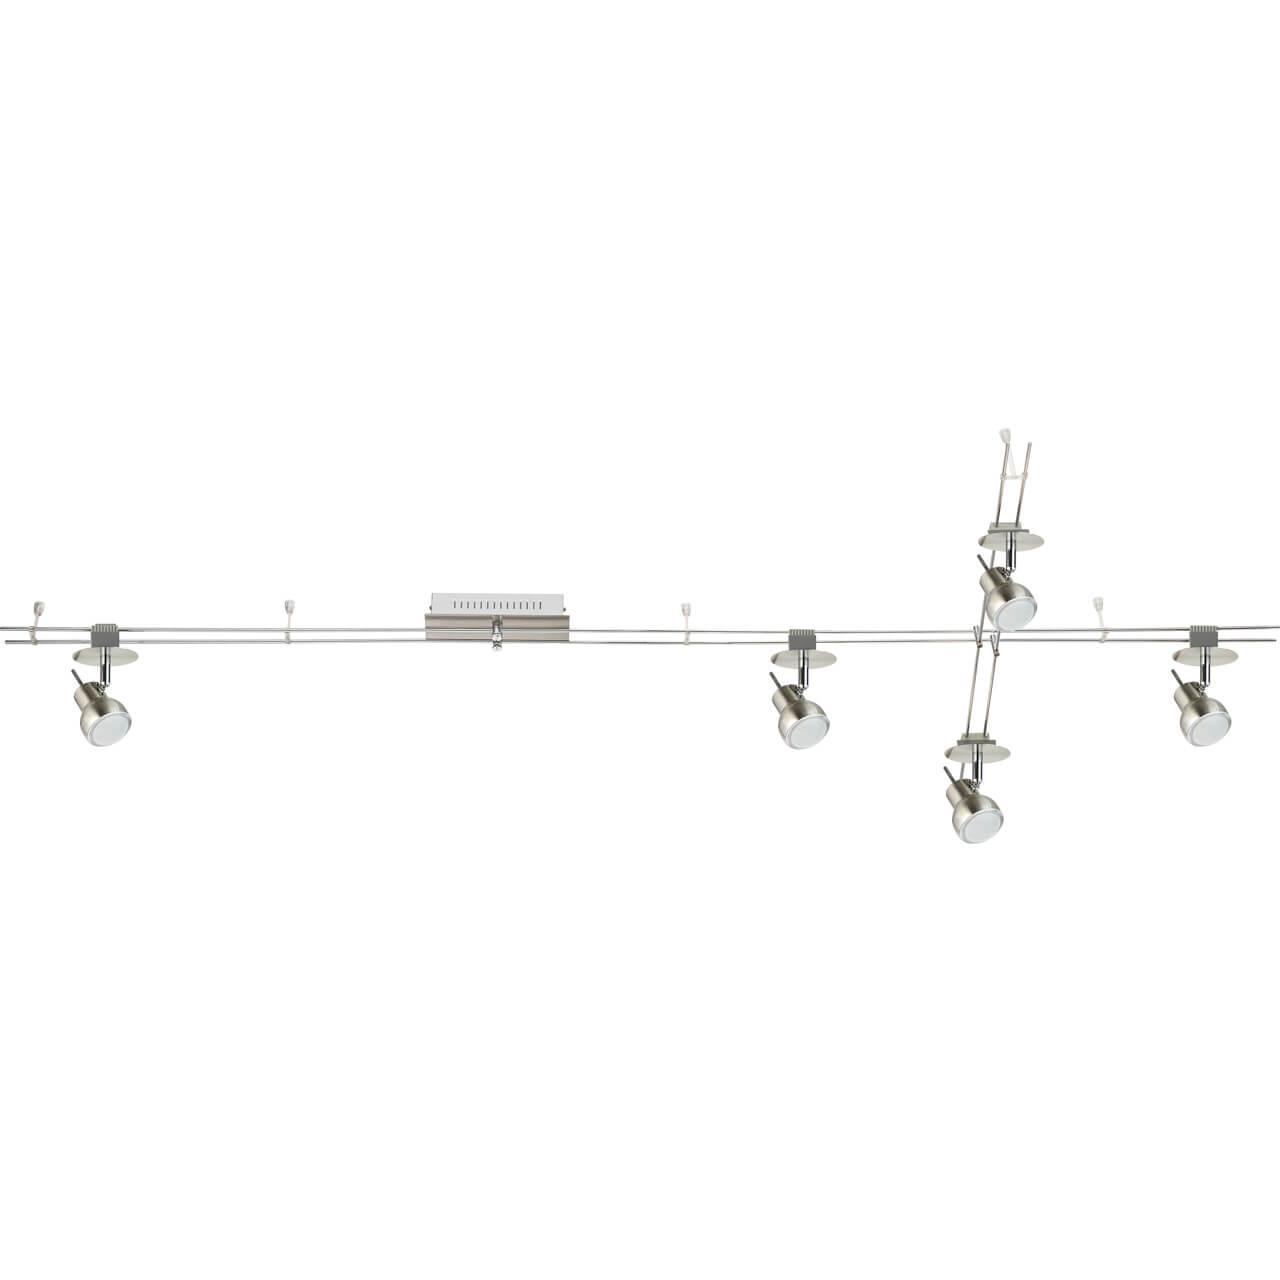 Трековая система De Markt 550011605 Трек-система светильник трек de markt 550011605 5 4w led